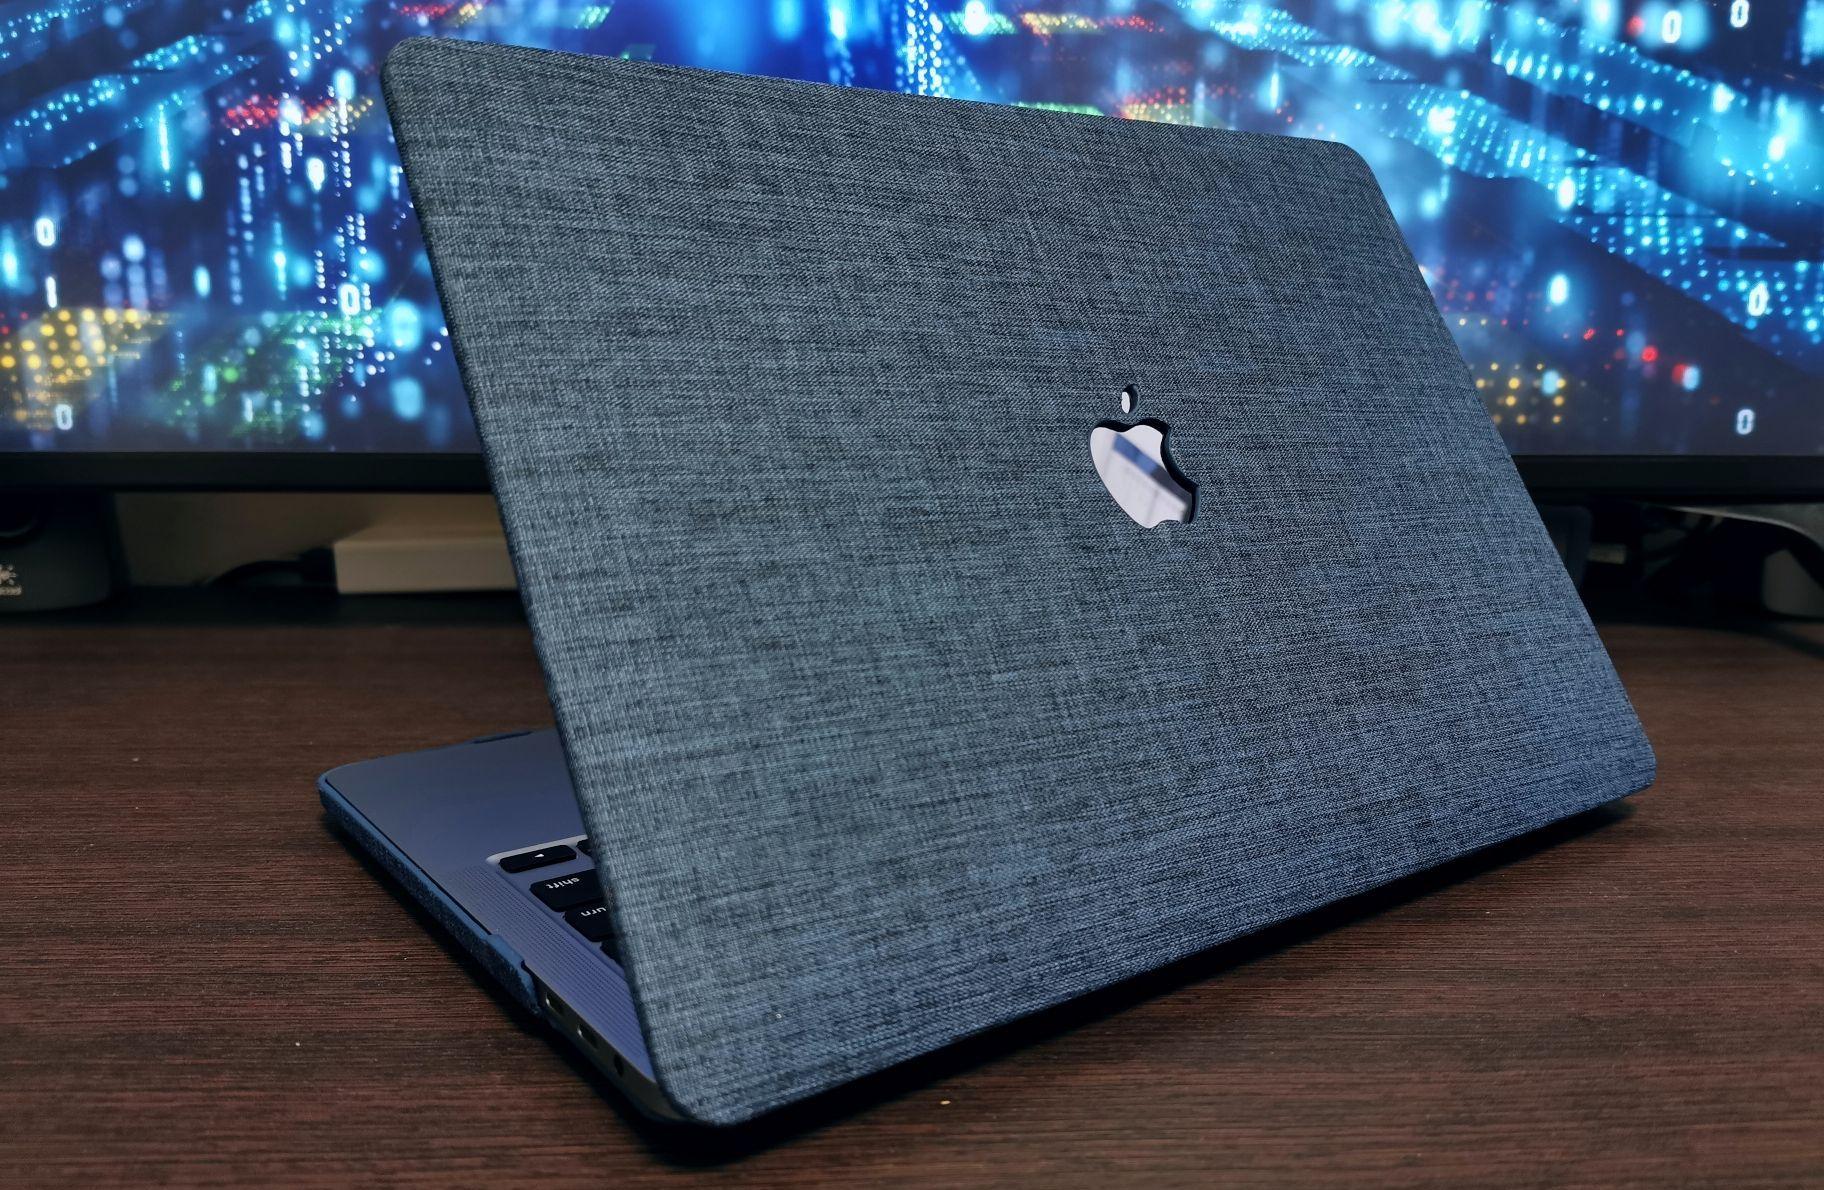 ナイロン素材が良い感じ。MacBook Pro 13インチ(2020)でも使えるBelkのハードケース